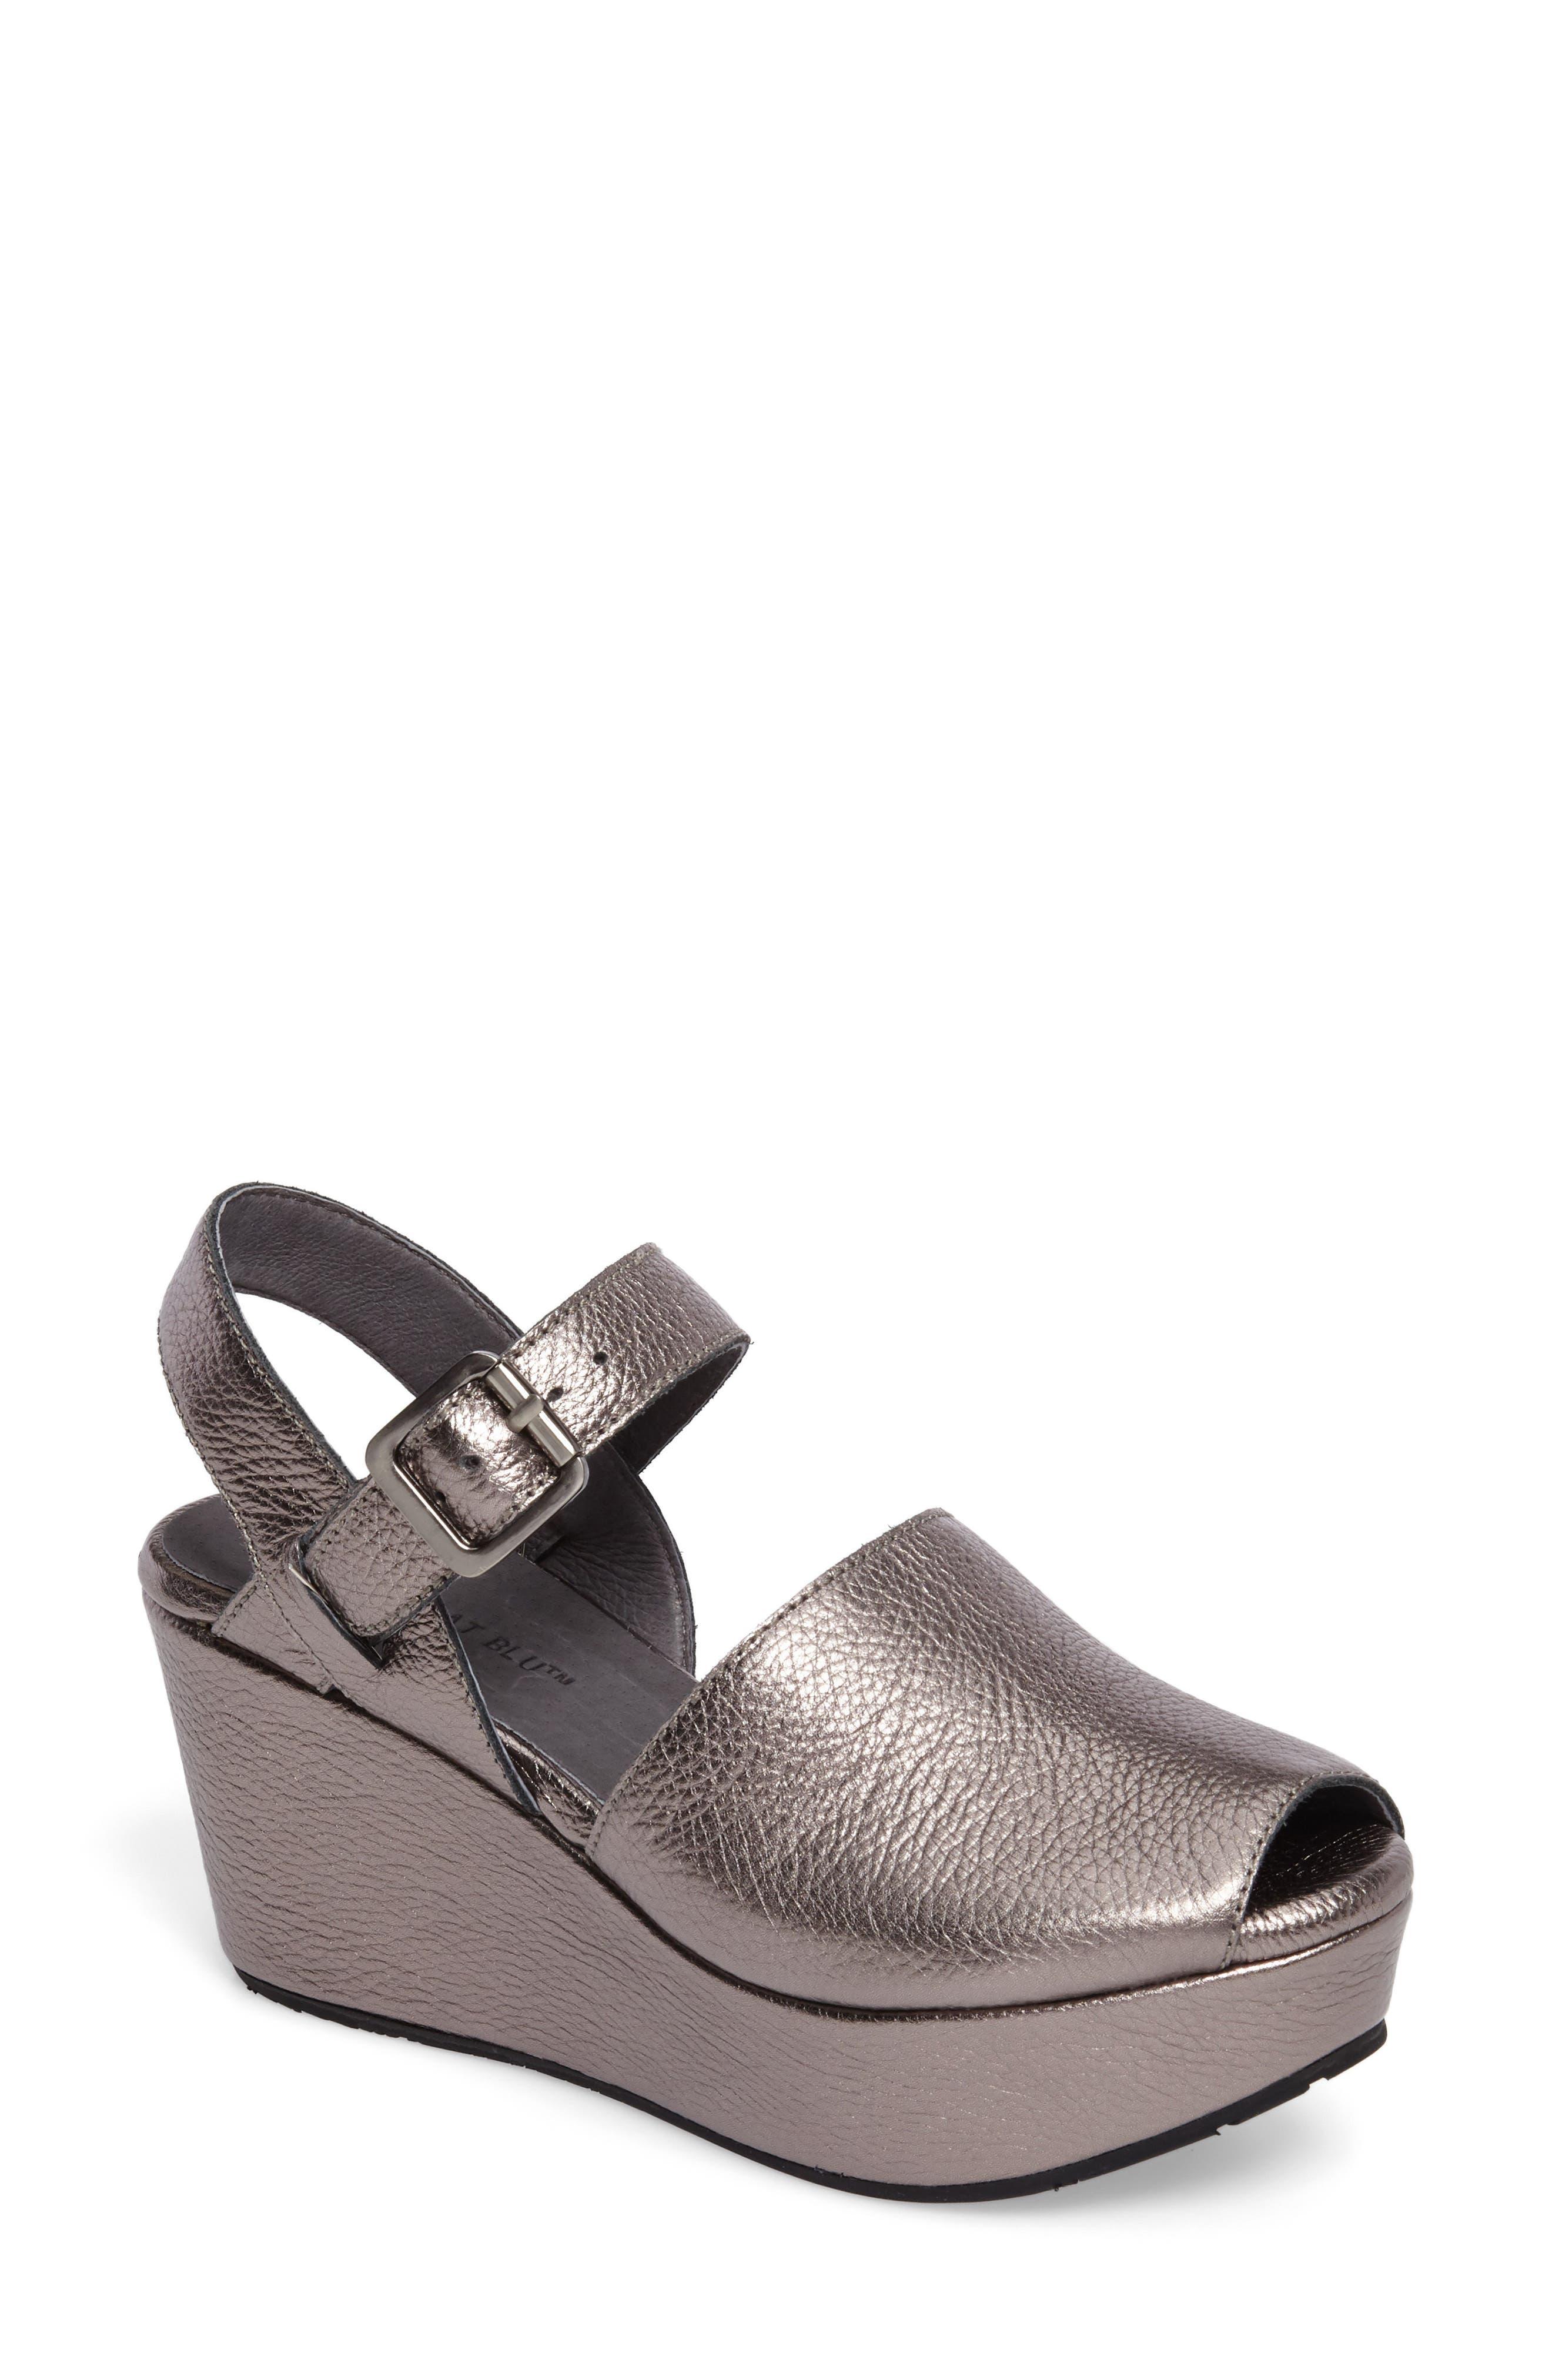 Chocolat Blu Wagga Platform Wedge Sandal, Metallic